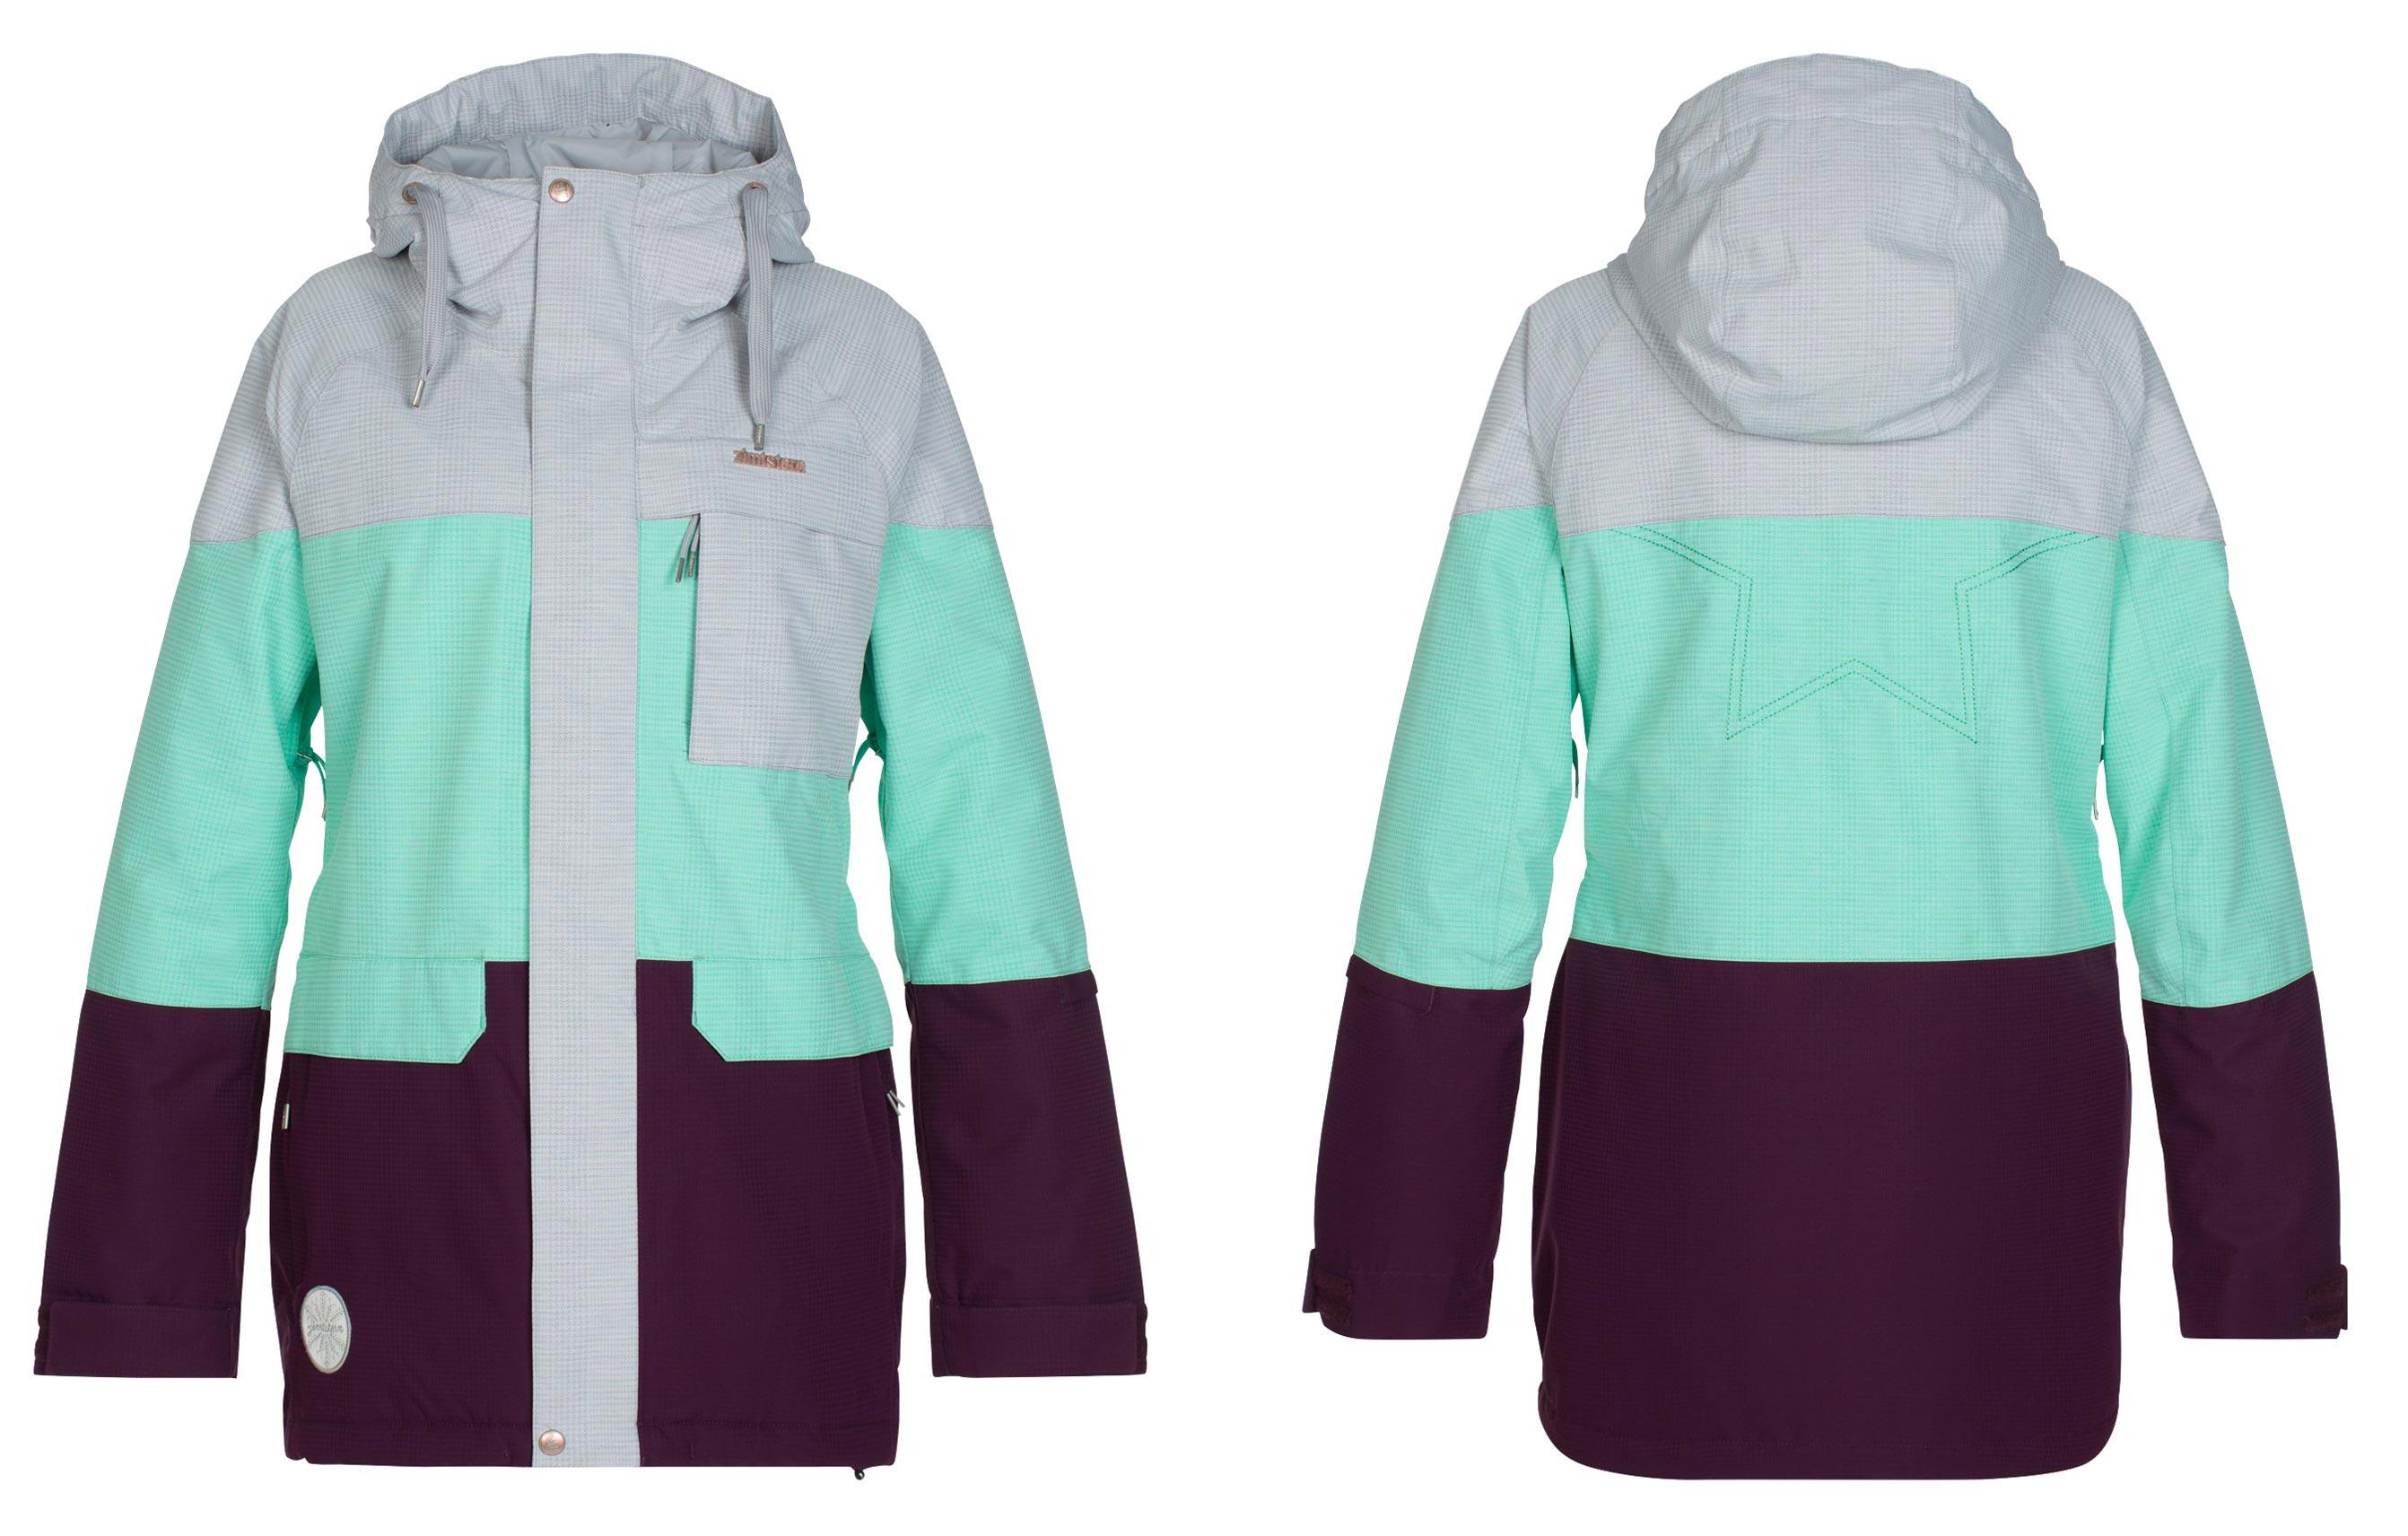 Zimtstern Millez Jacket für Damen - Farbe: Light Grey